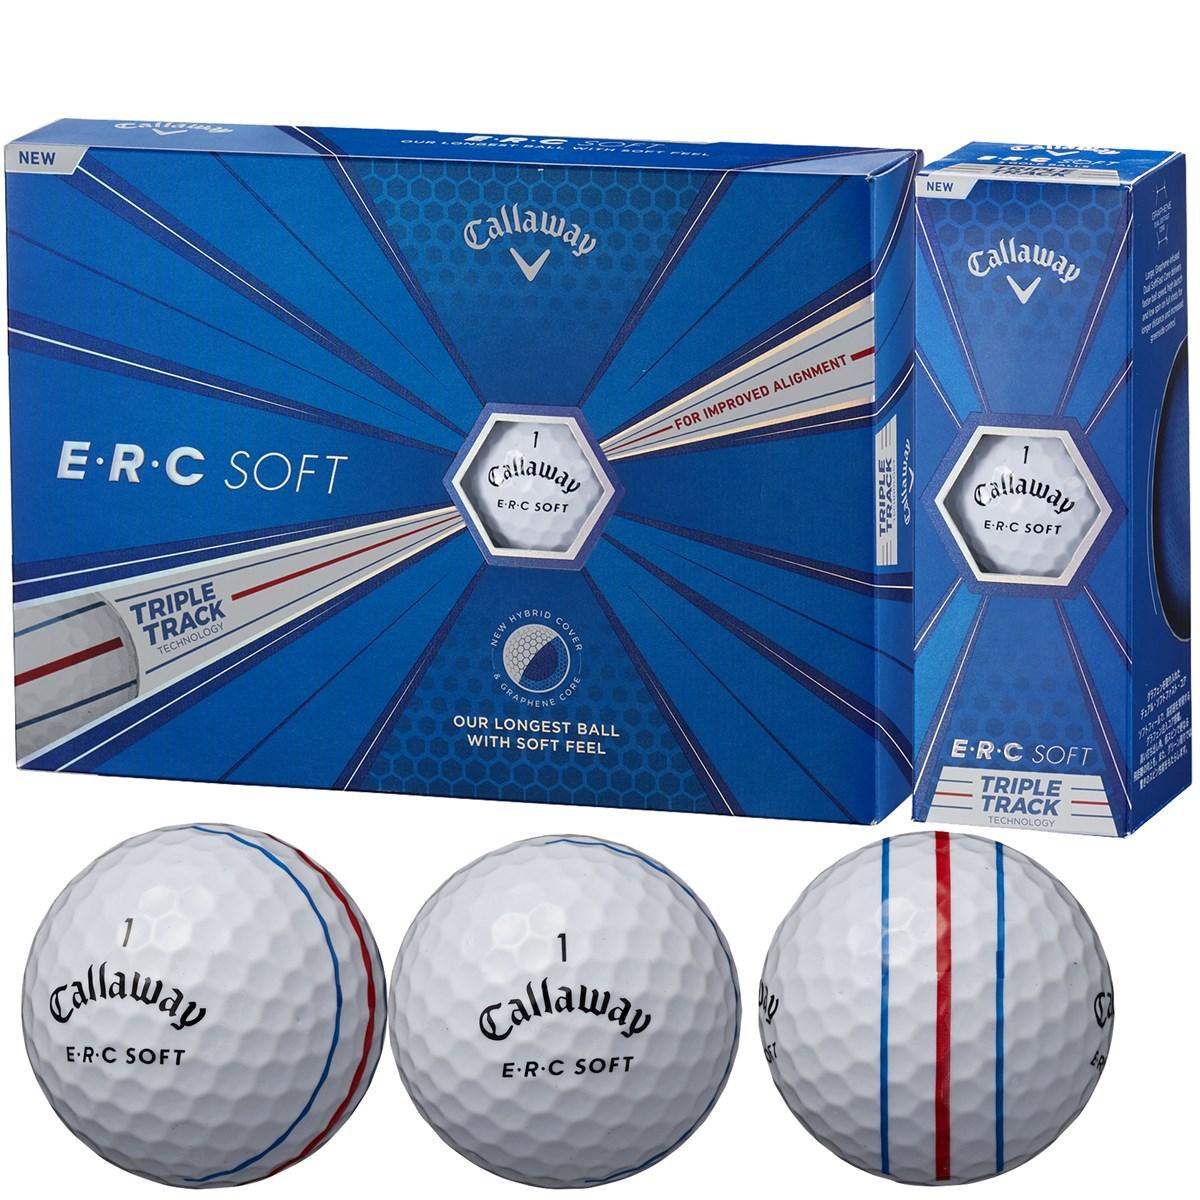 キャロウェイゴルフ E・R・C ERC SOFT 19 TRIPLE TRACK ボール 1ダース(12個入り) ホワイト